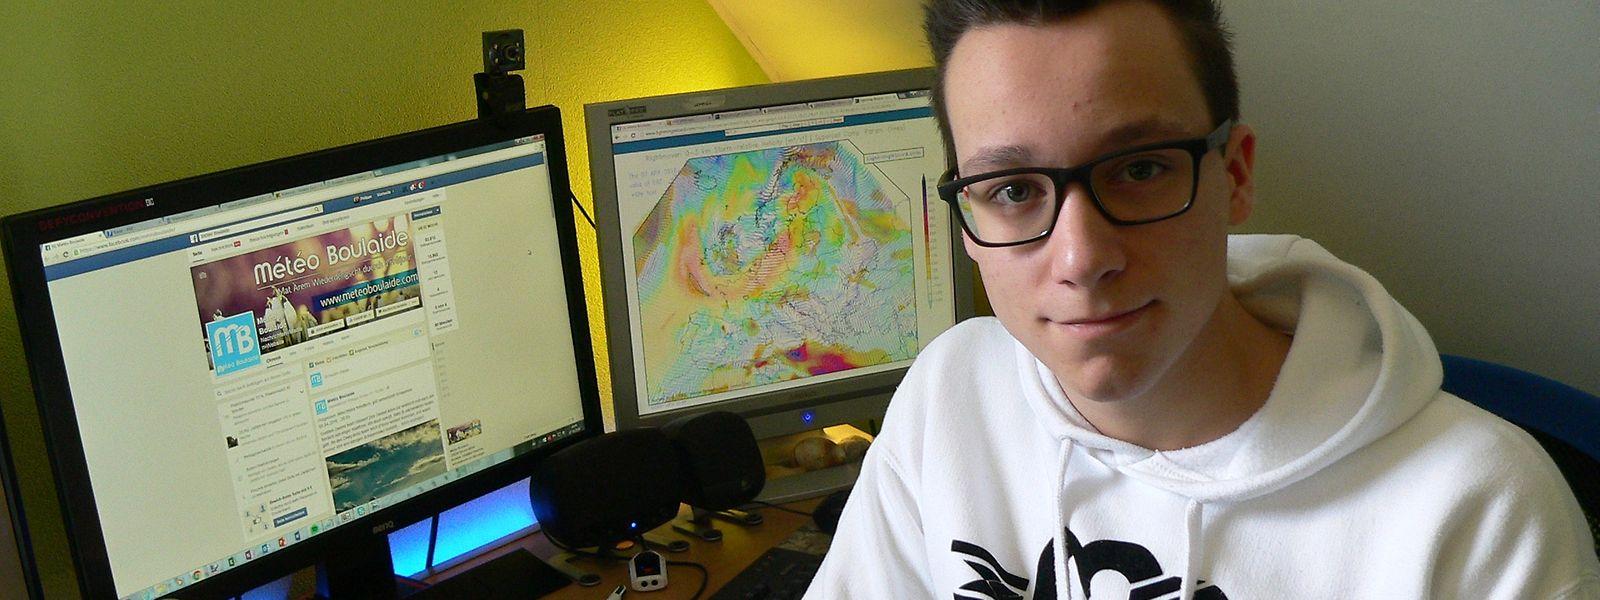 """Von seinem Zimmer aus füttert Philippe Ernzer das Land täglich über """"Météo Boulaide"""" mit Wetterprognosen."""